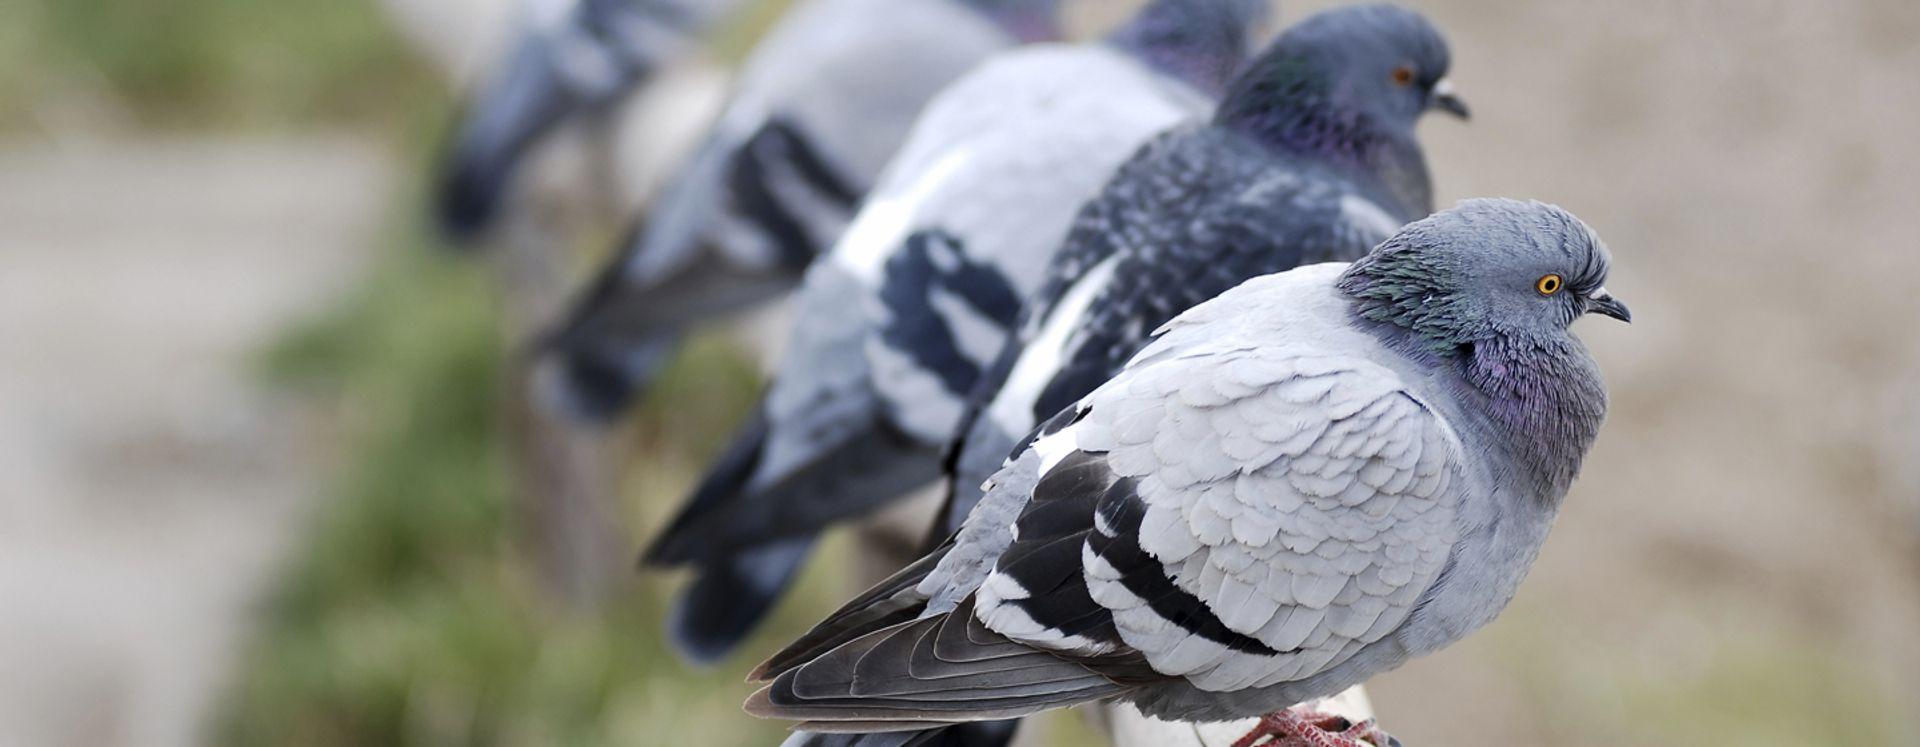 Hvor ofte lægger duer æg? Anticimex giver dig svaret